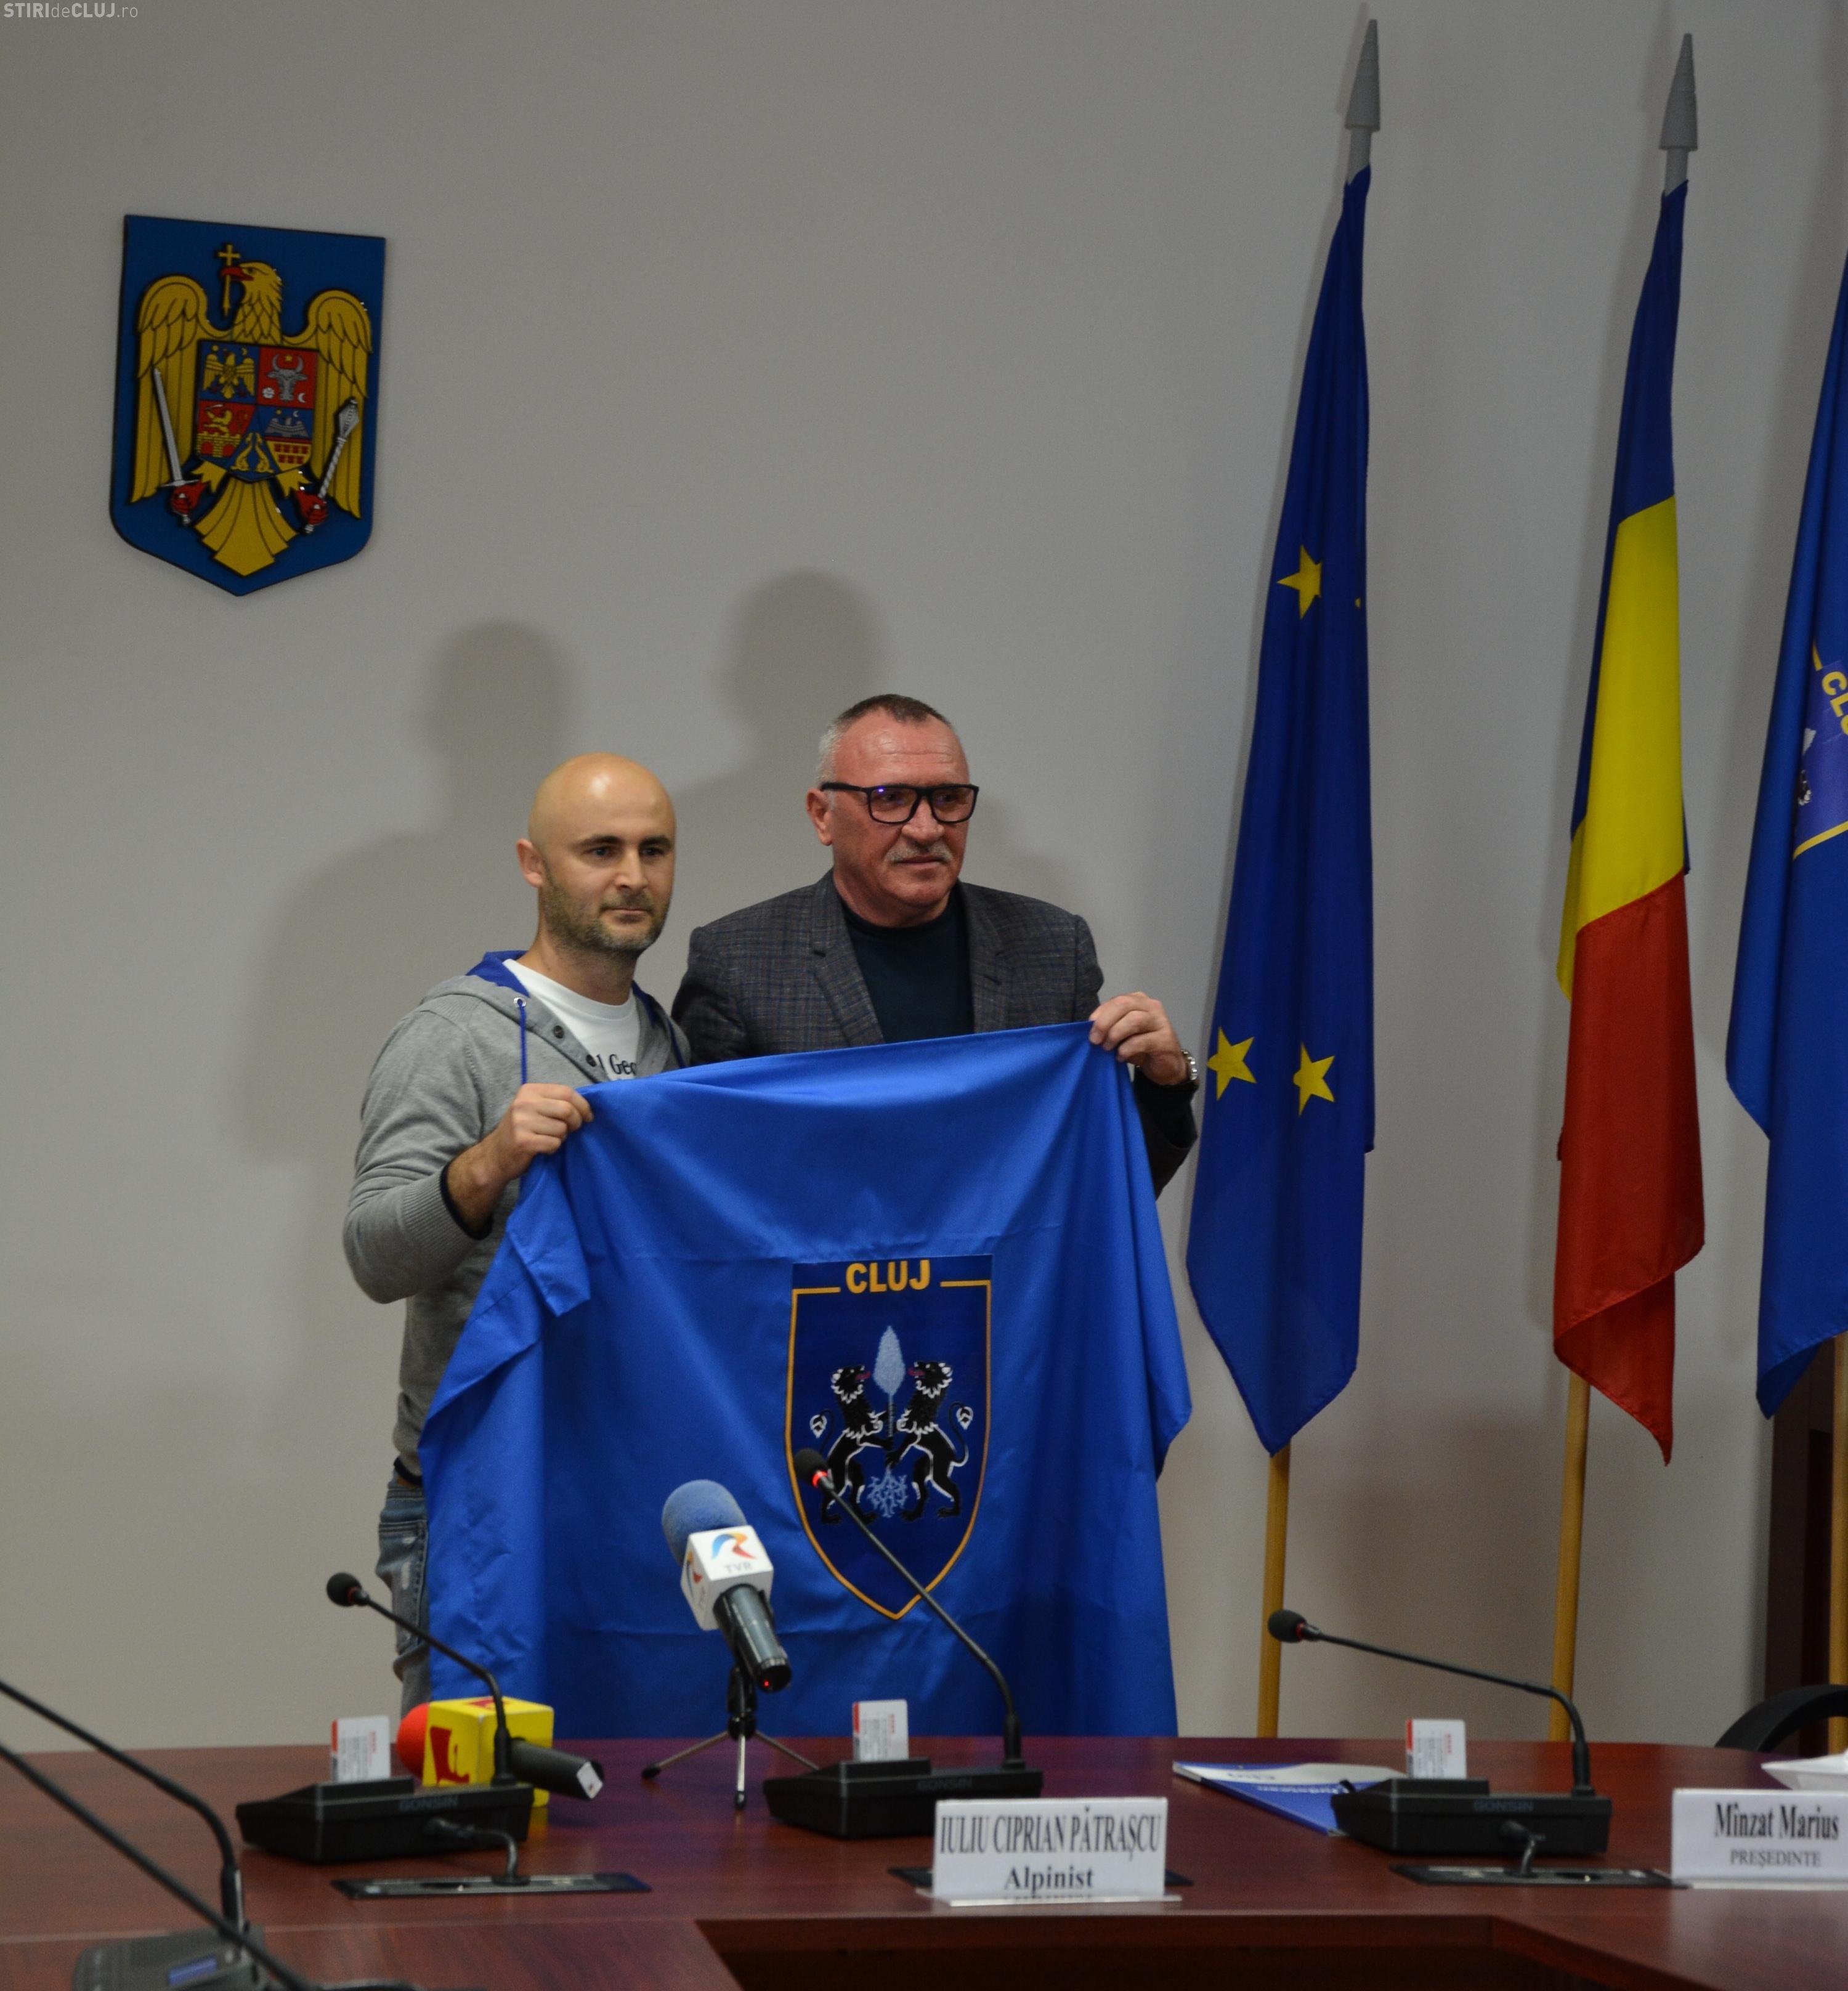 Alpinistul clujean Pătraşcu Iuliu Ciprian va duce drapelul Clujului pe Everest